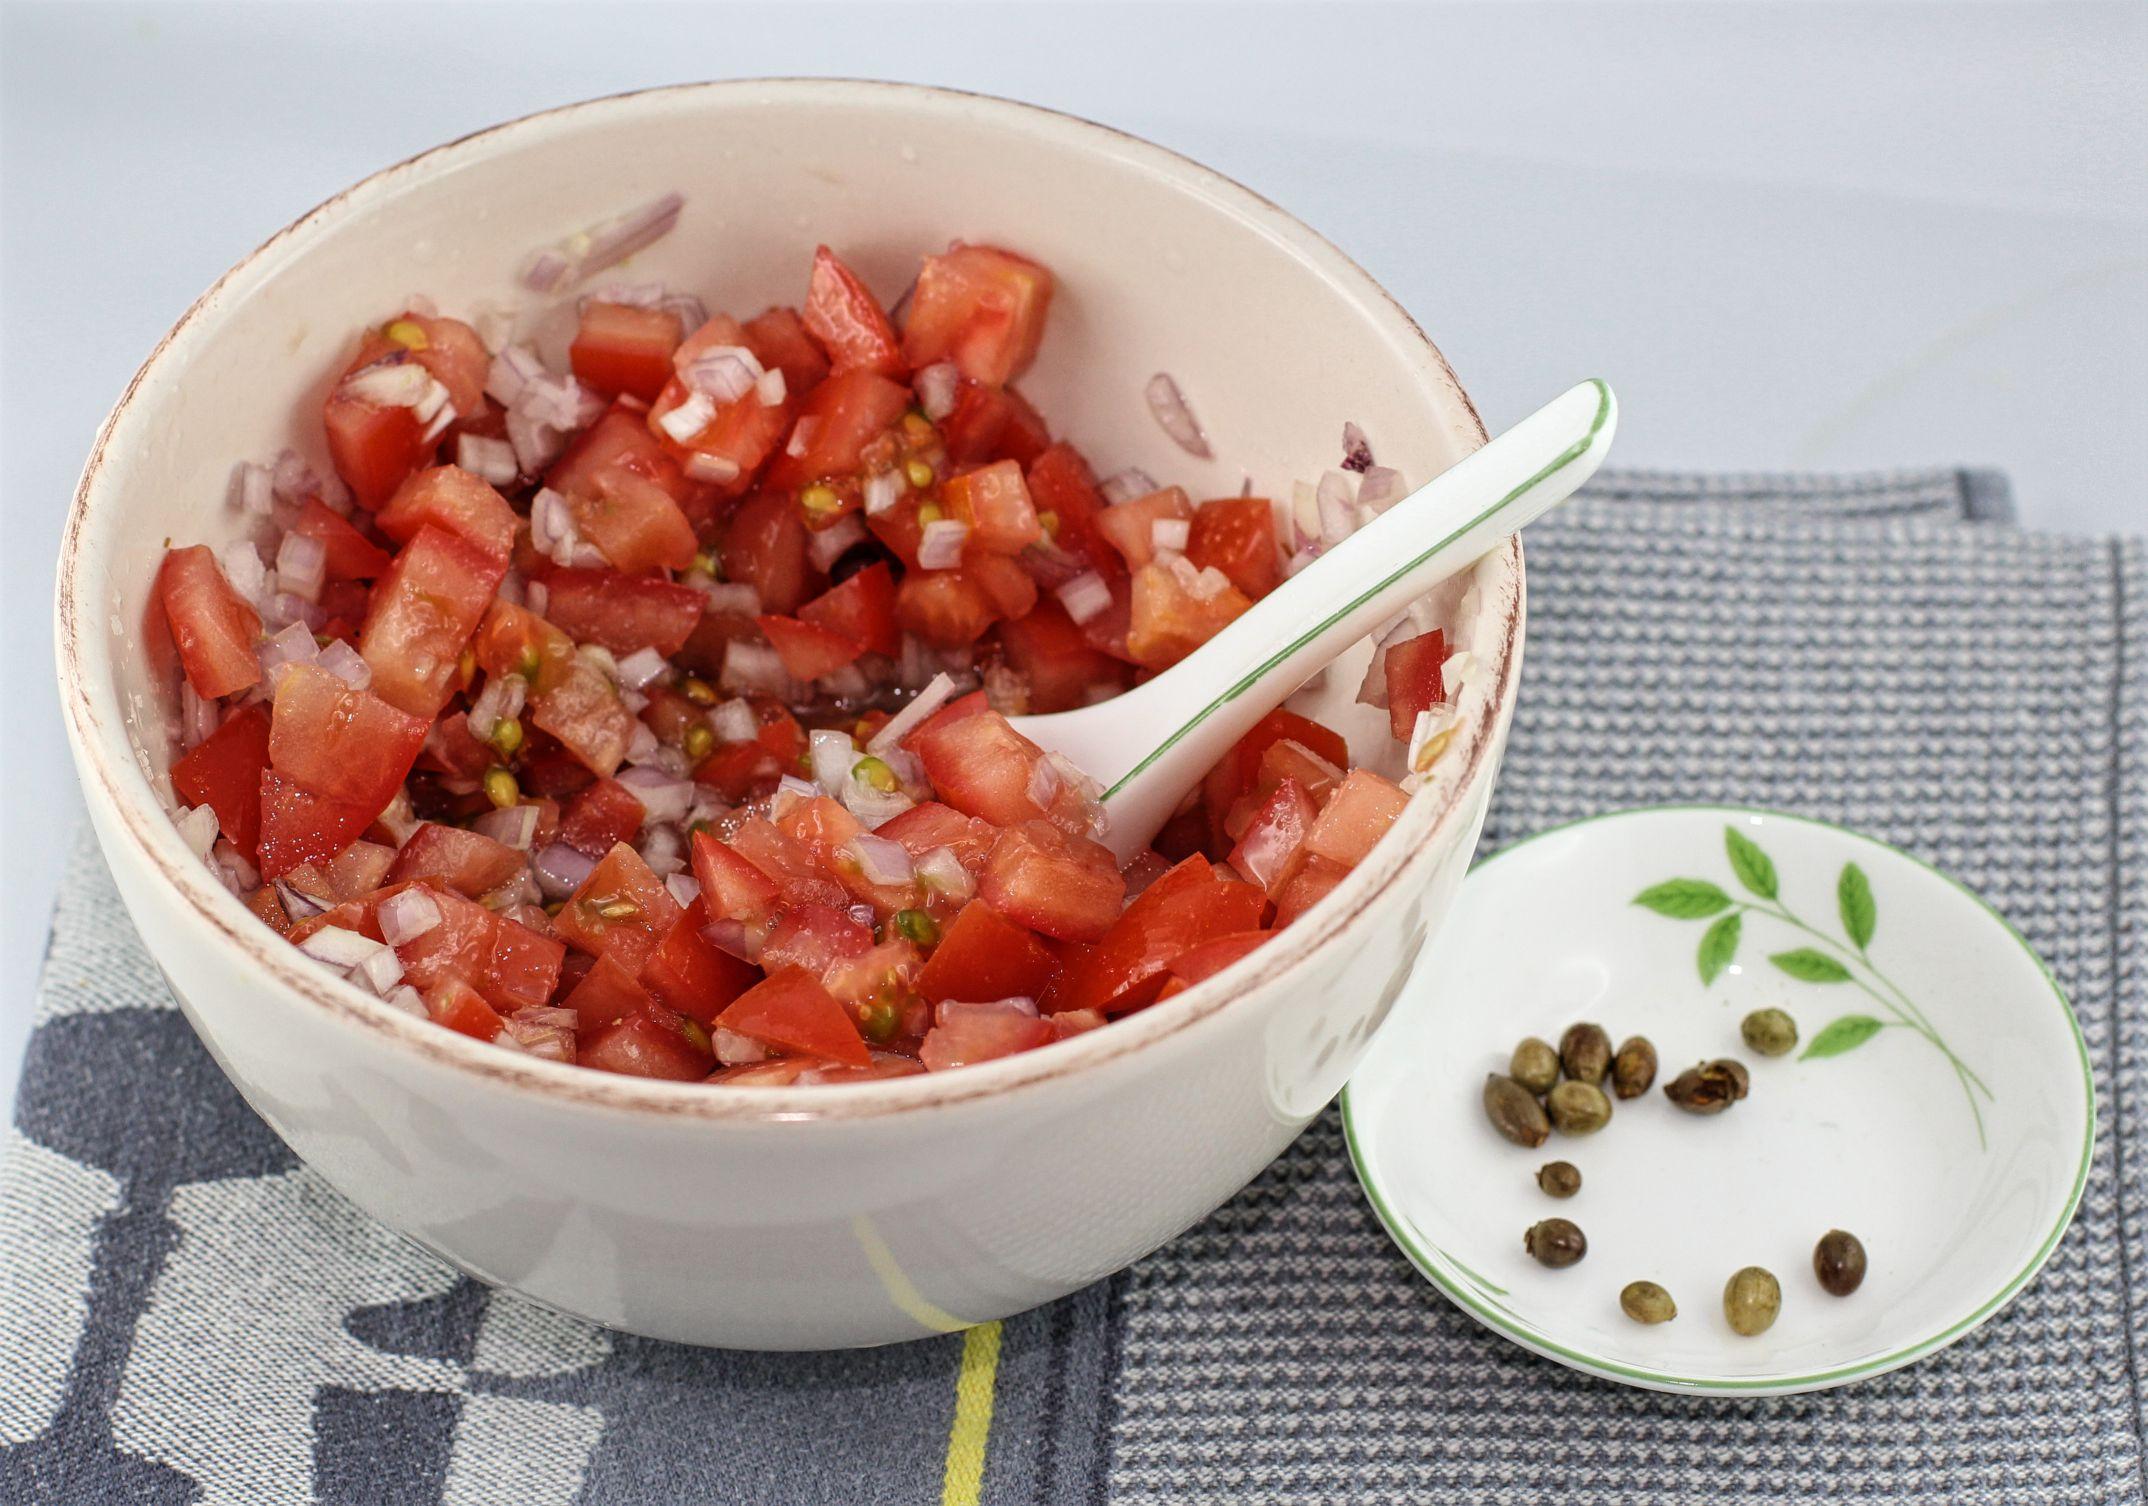 Die Schalotte, Tomaten, Limettensaft und Chilis für Pico de Gallo.